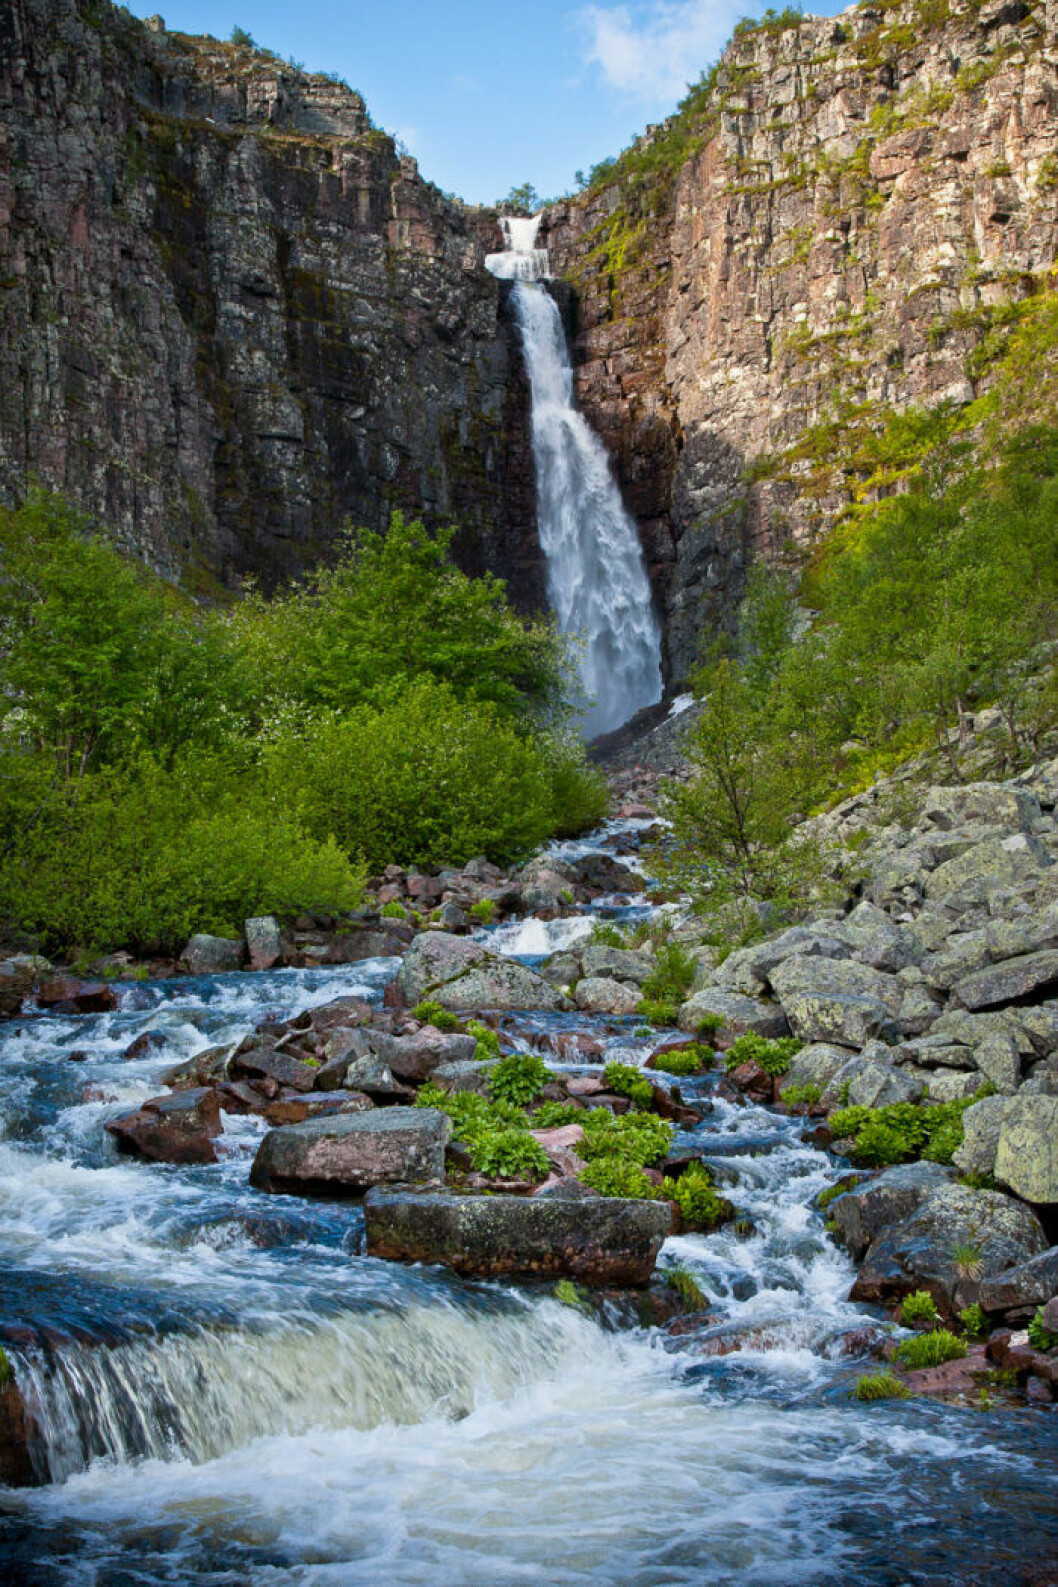 Sveriges högsta vattenfall, Njupeskä i Dalarna.